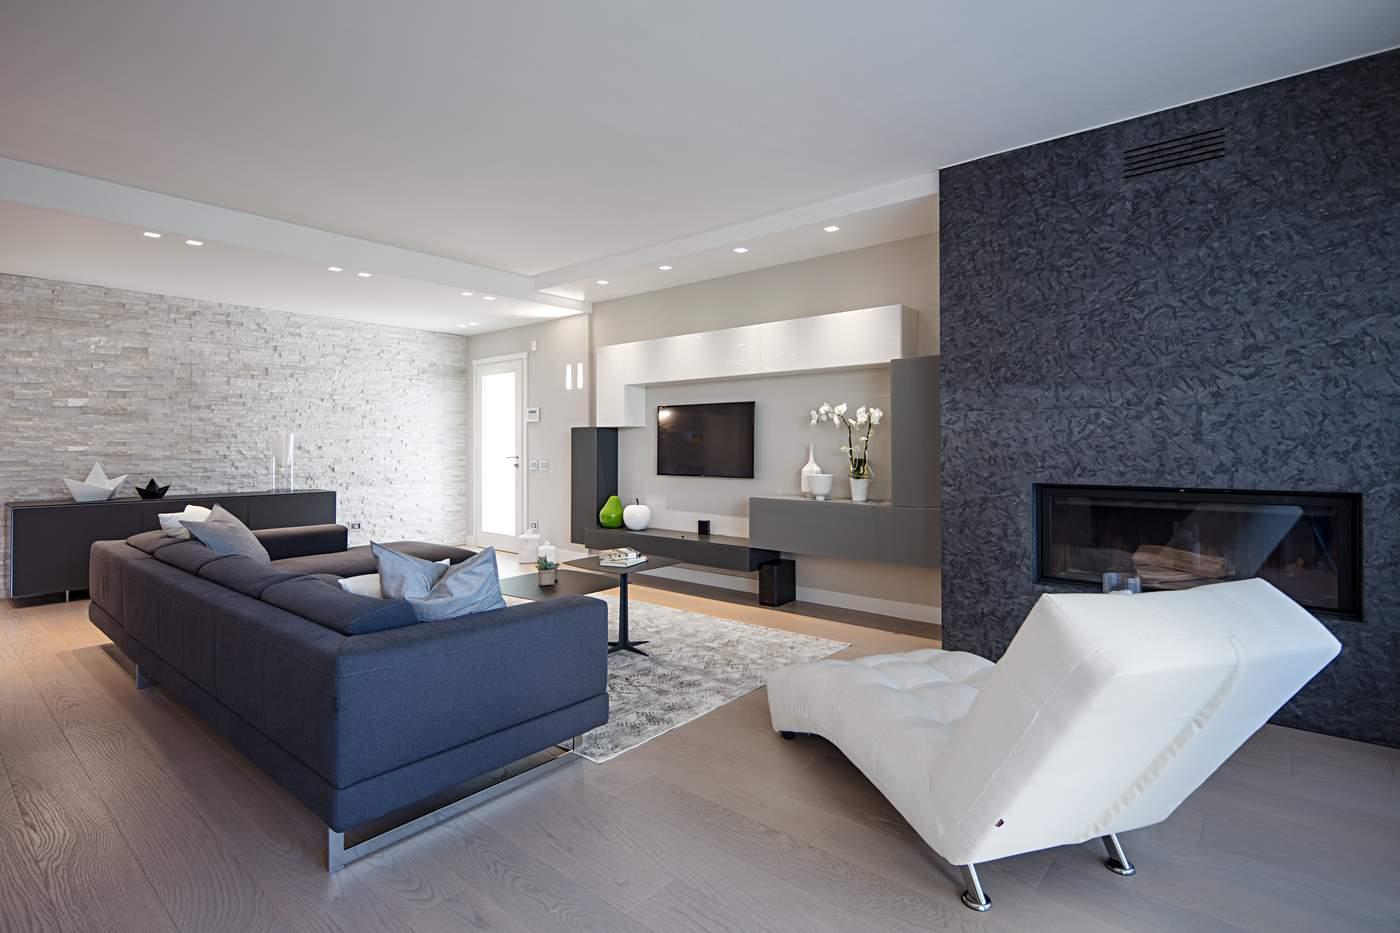 divano con penisola, chaise longue, mobile da soggiorno tv Lago,